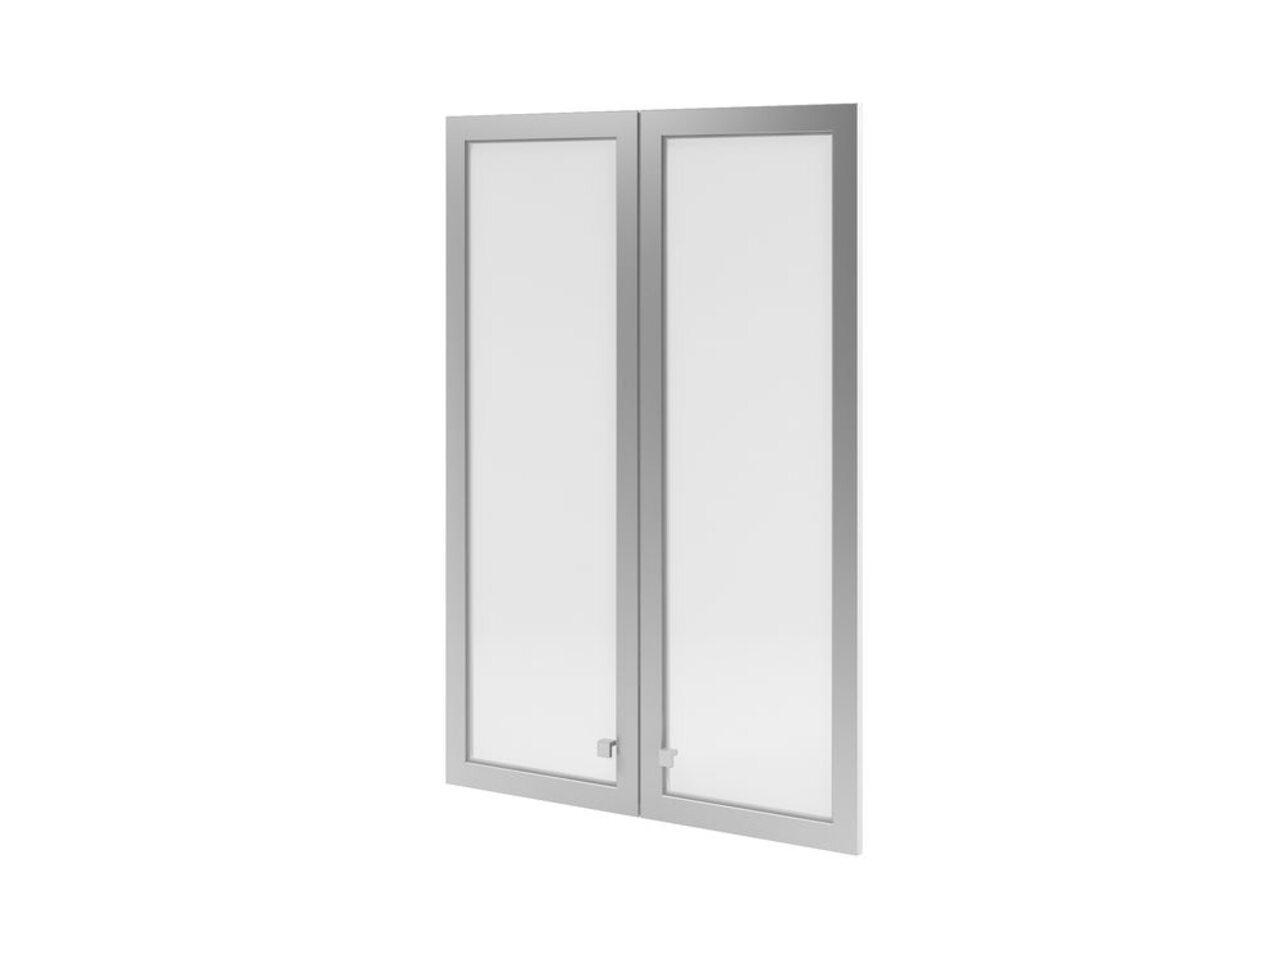 Двери средние с матовым белым стеклом  Space 79x3x115 - фото 1